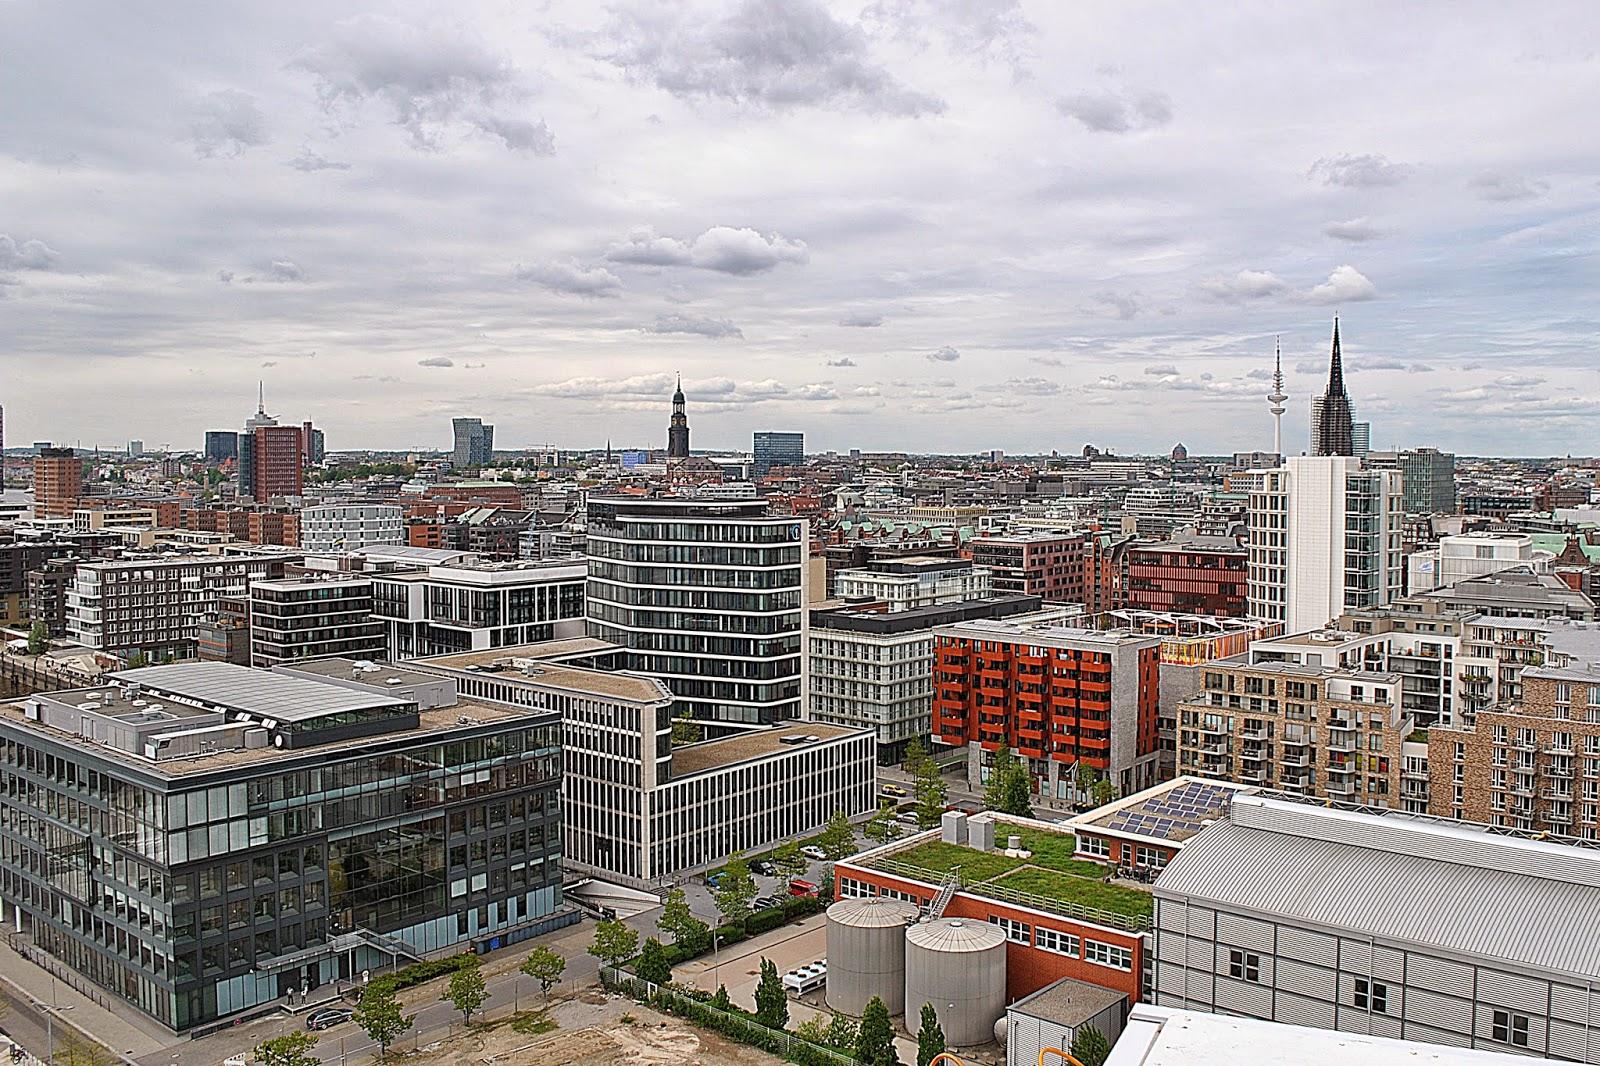 Hamburg, HafenCity, widok z karuzeli